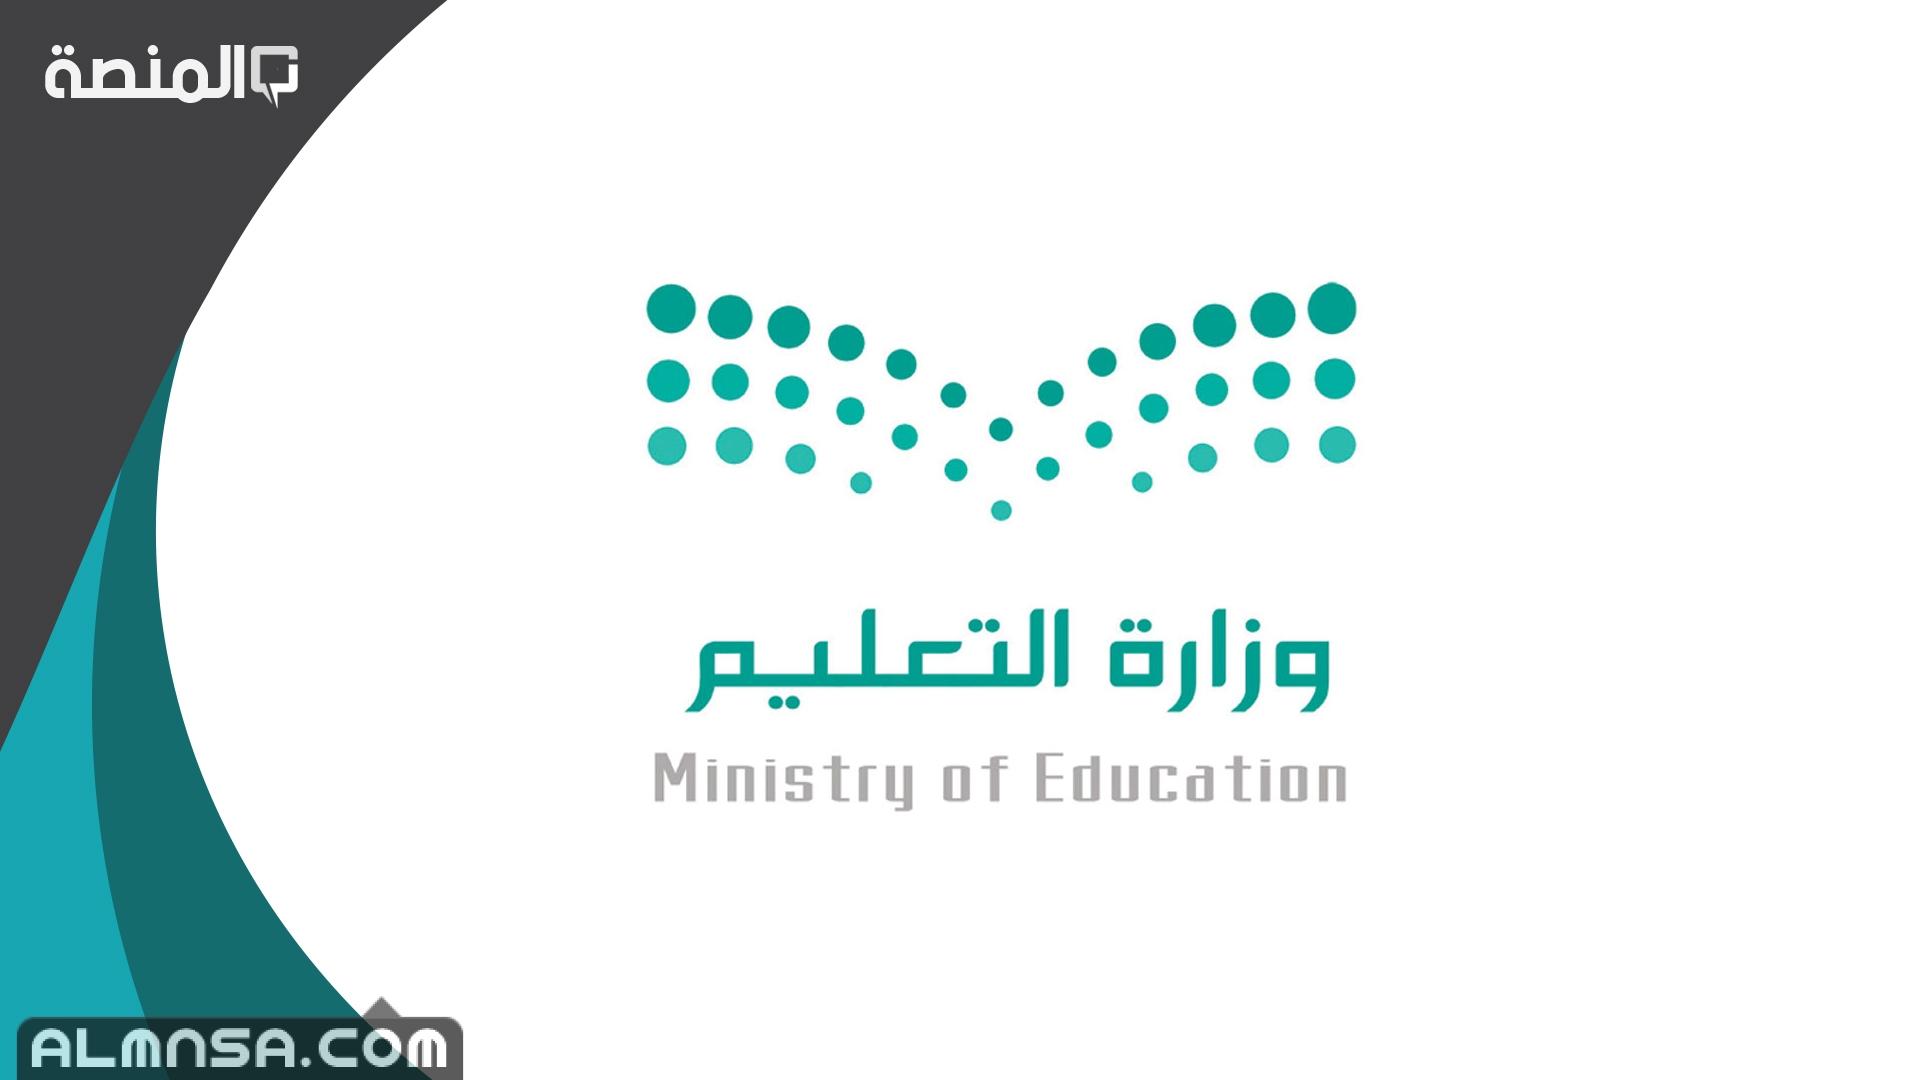 اوقات دوام وزارة التربية والتعليم في رمضان المنصة